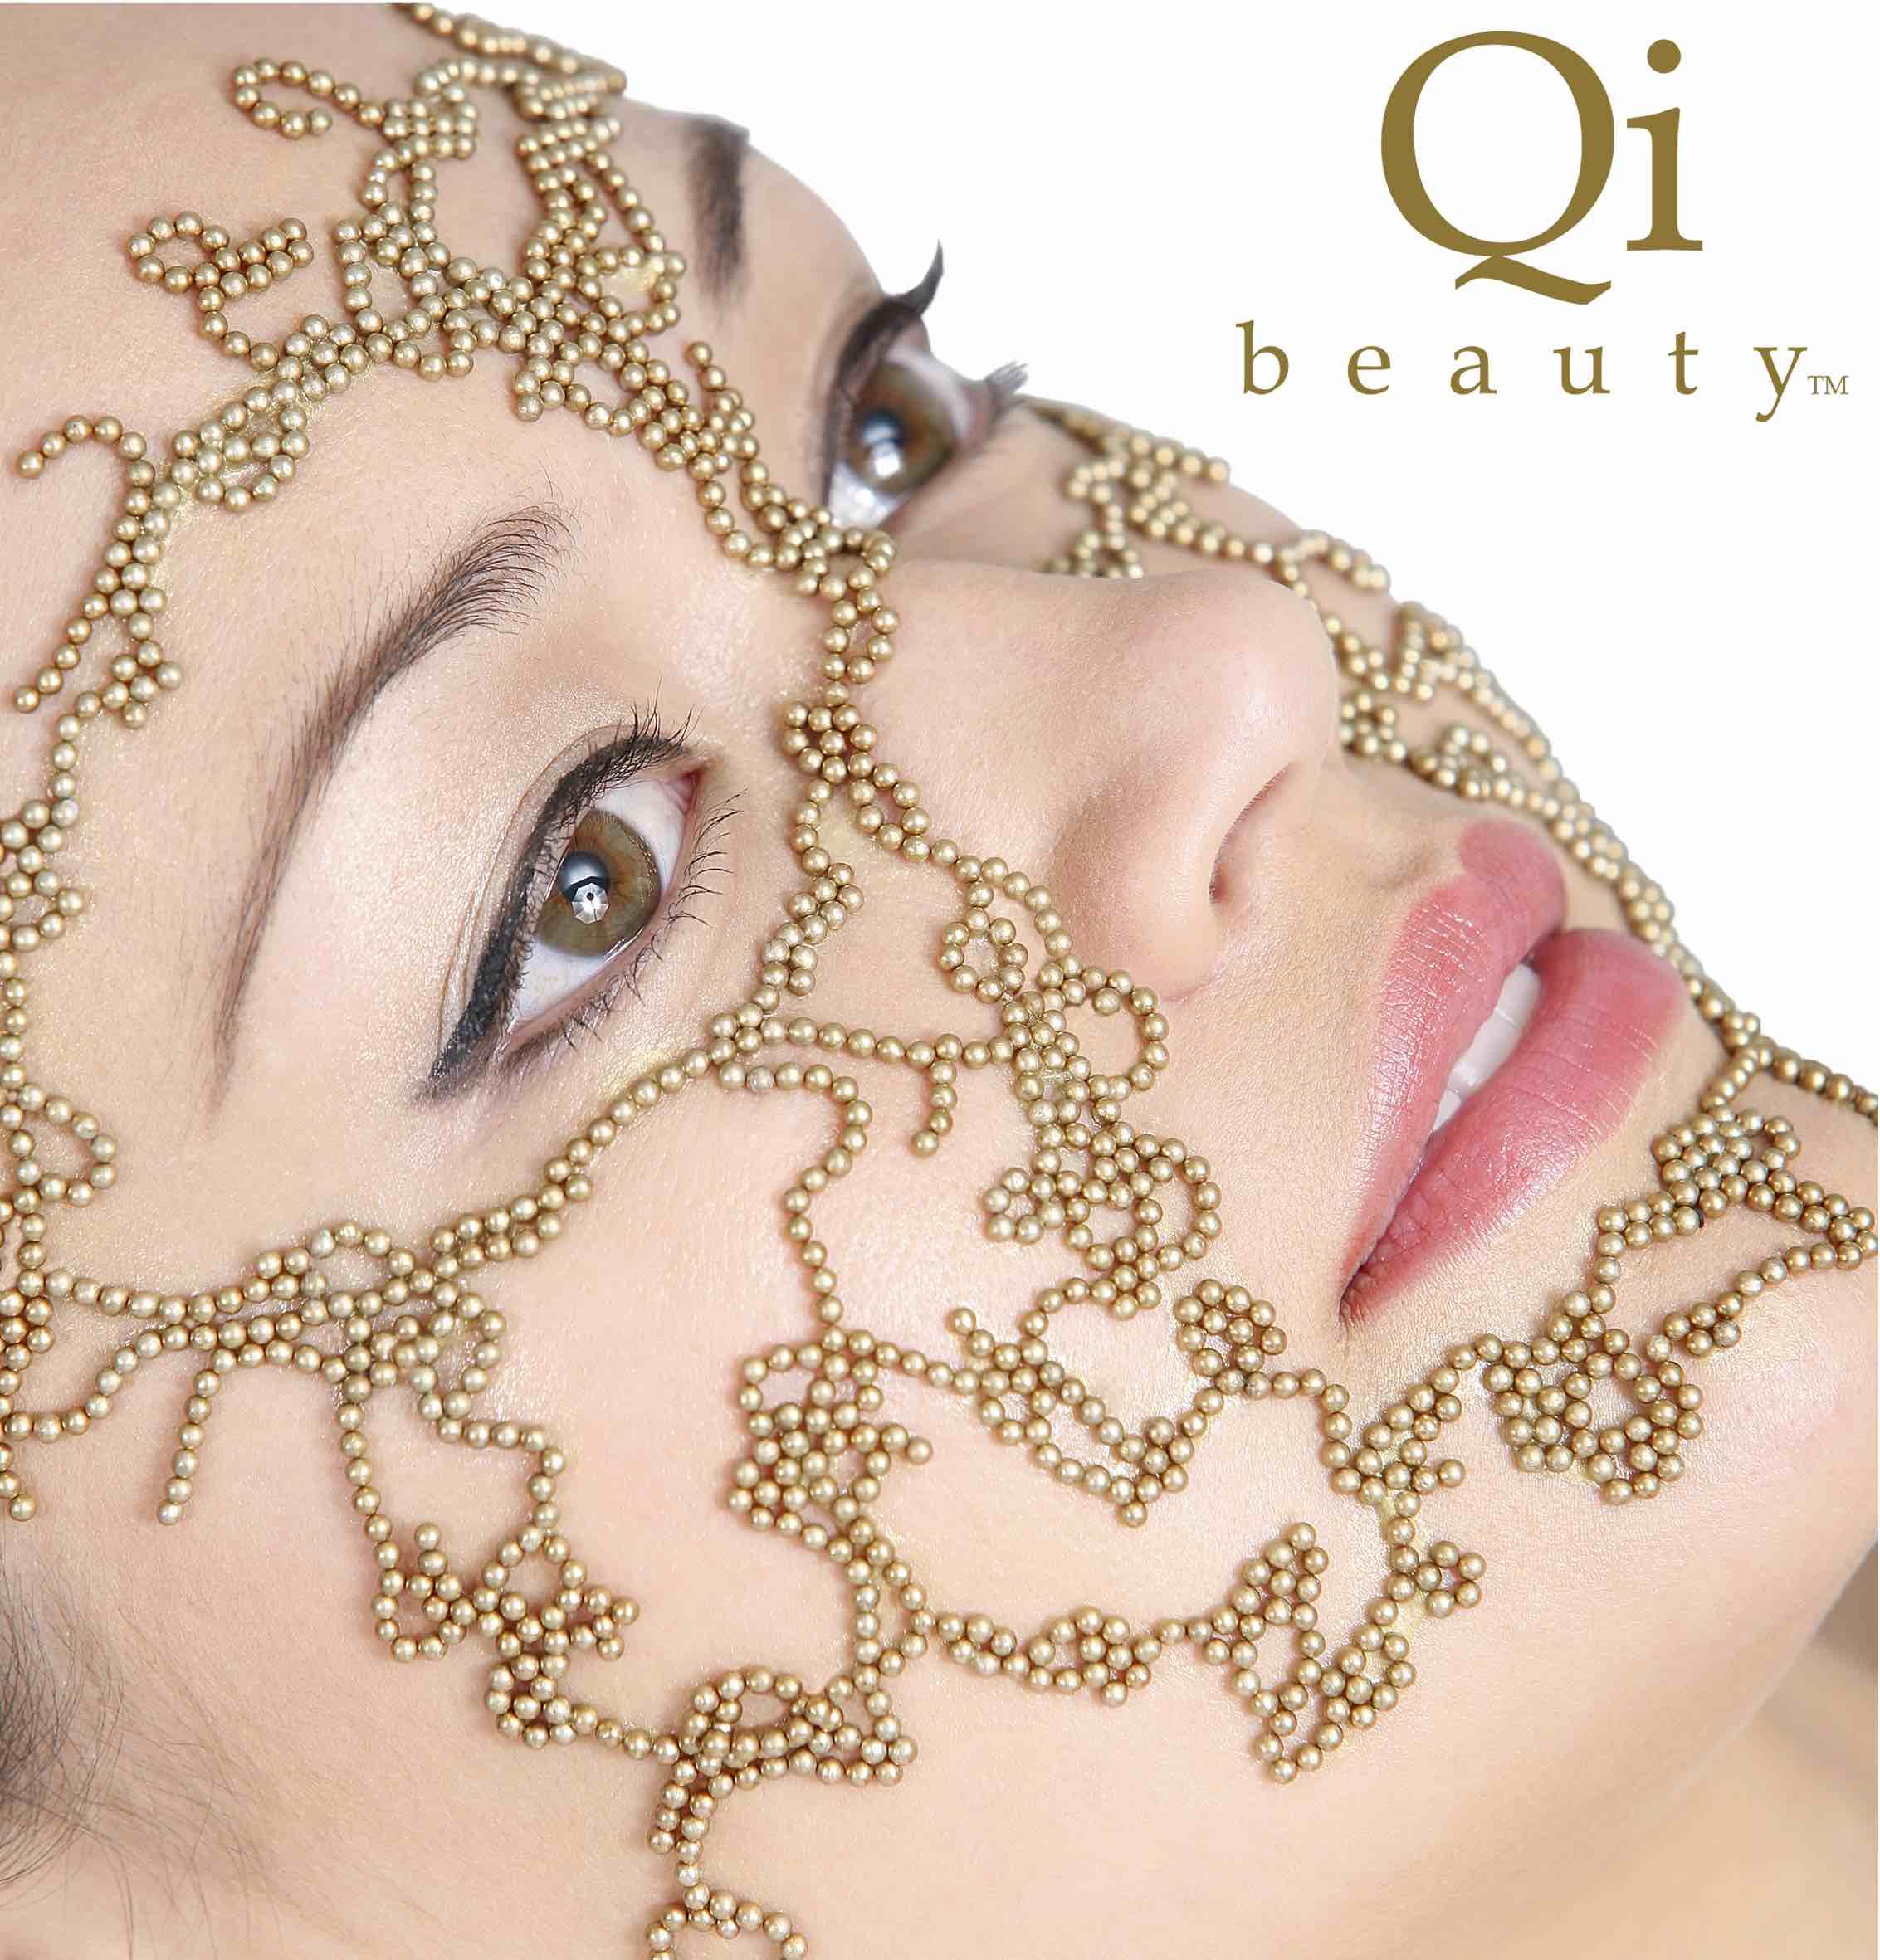 Qi beauty facial treatment